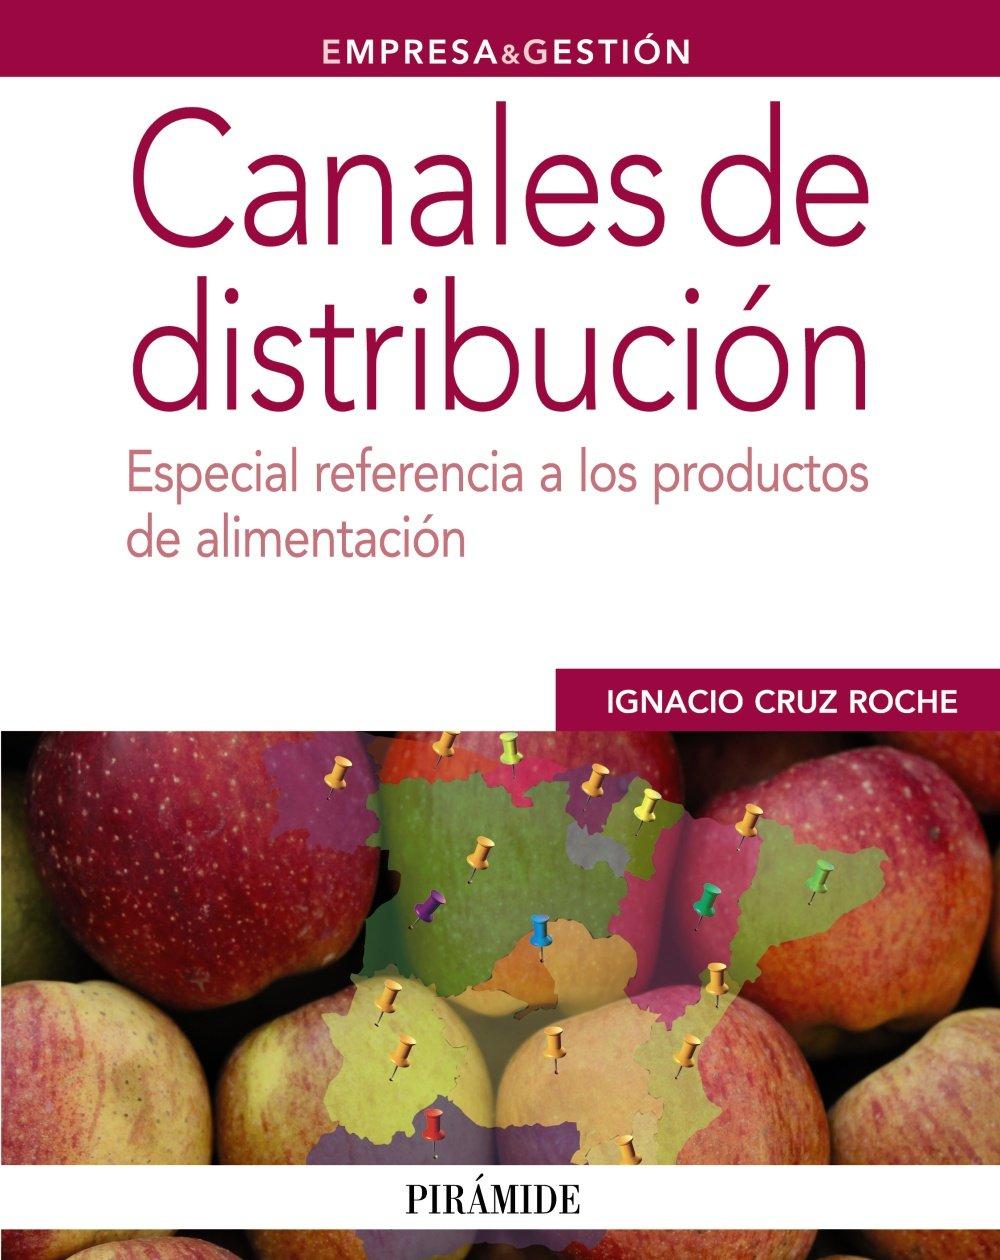 Resultado de imagen para Canales de distribución: especial referencia a los productos de alimentación